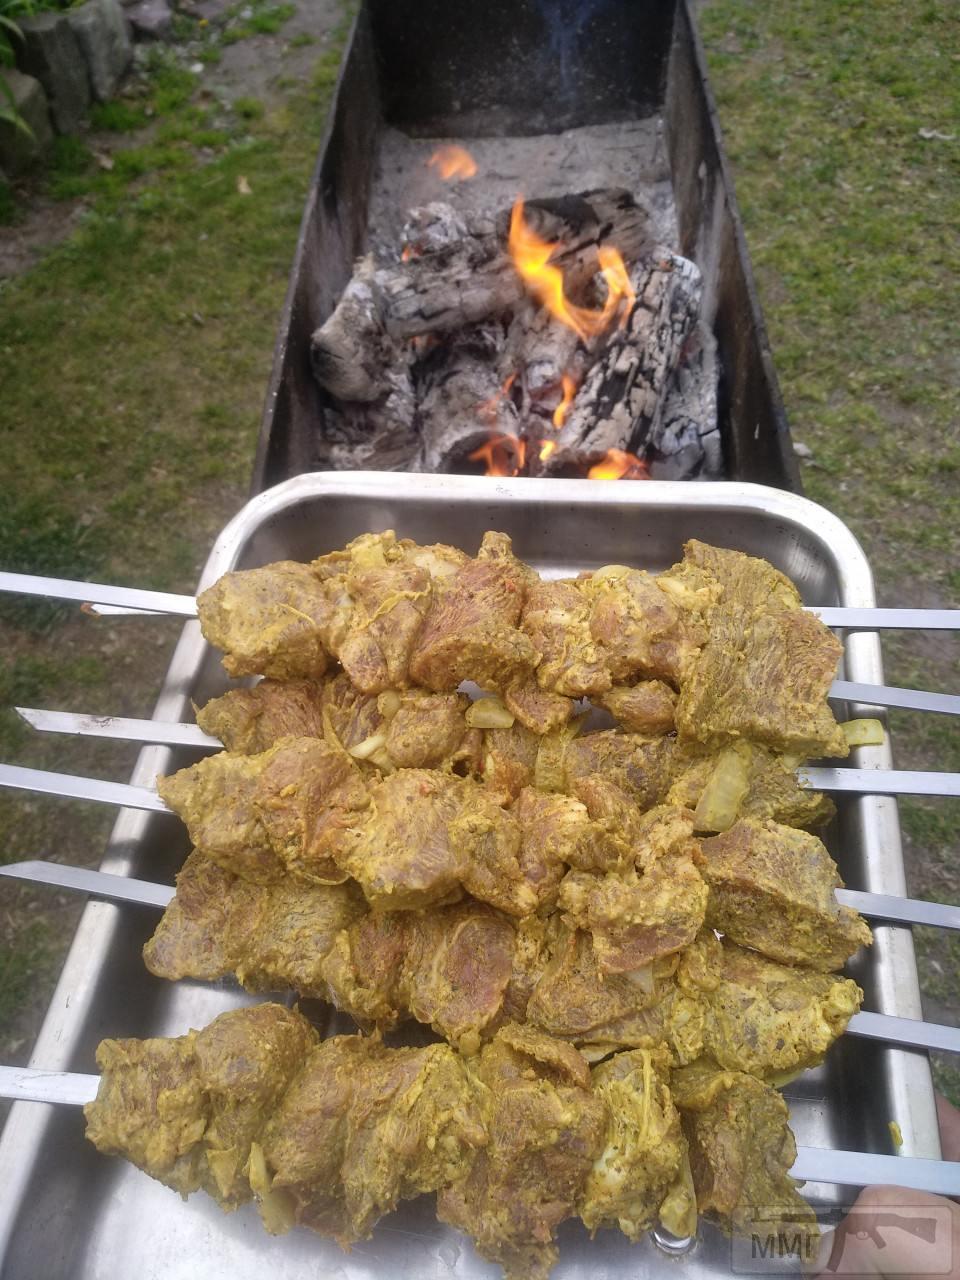 99288 - Закуски на огне (мангал, барбекю и т.д.) и кулинария вообще. Советы и рецепты.